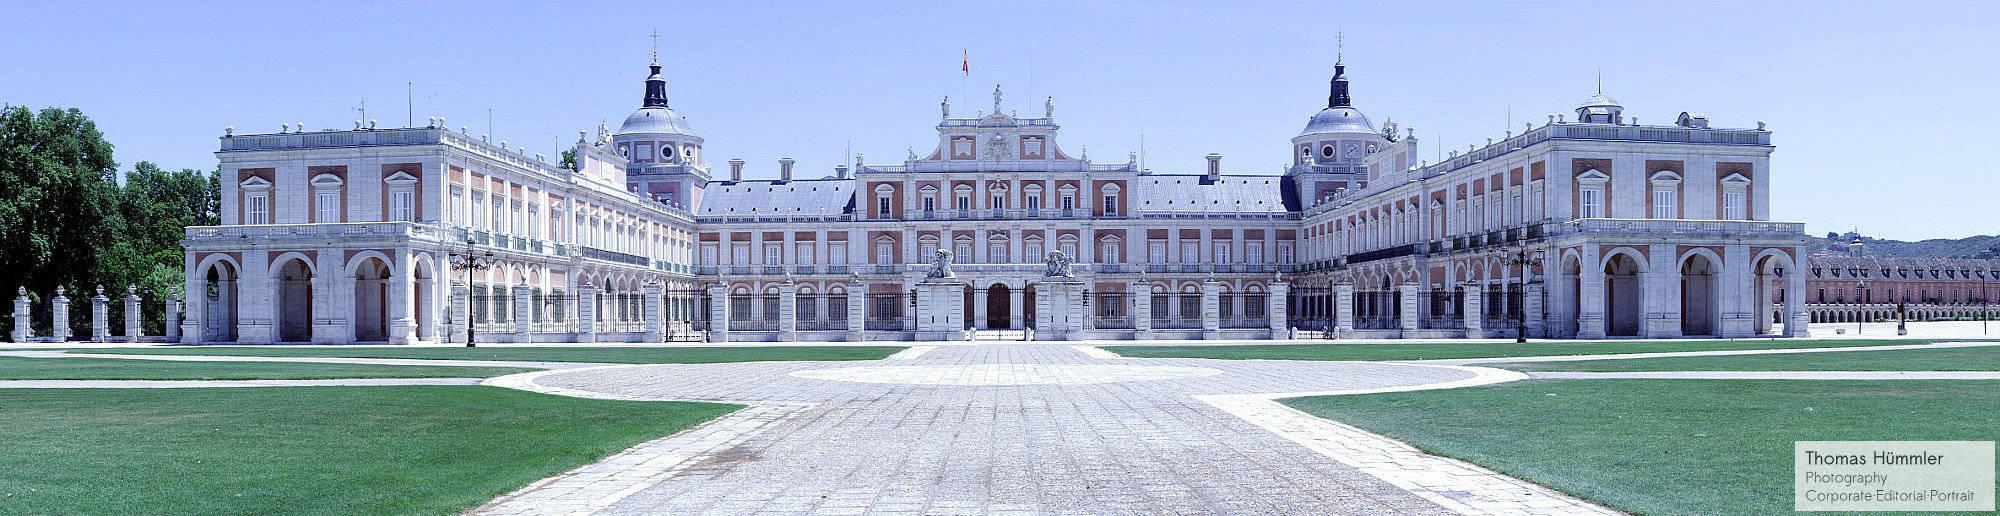 Panoramaaufnahme des königlichen Sommerpalasts in Aranjuez - (c)2012 Thomas Hümmler - München - Grafing